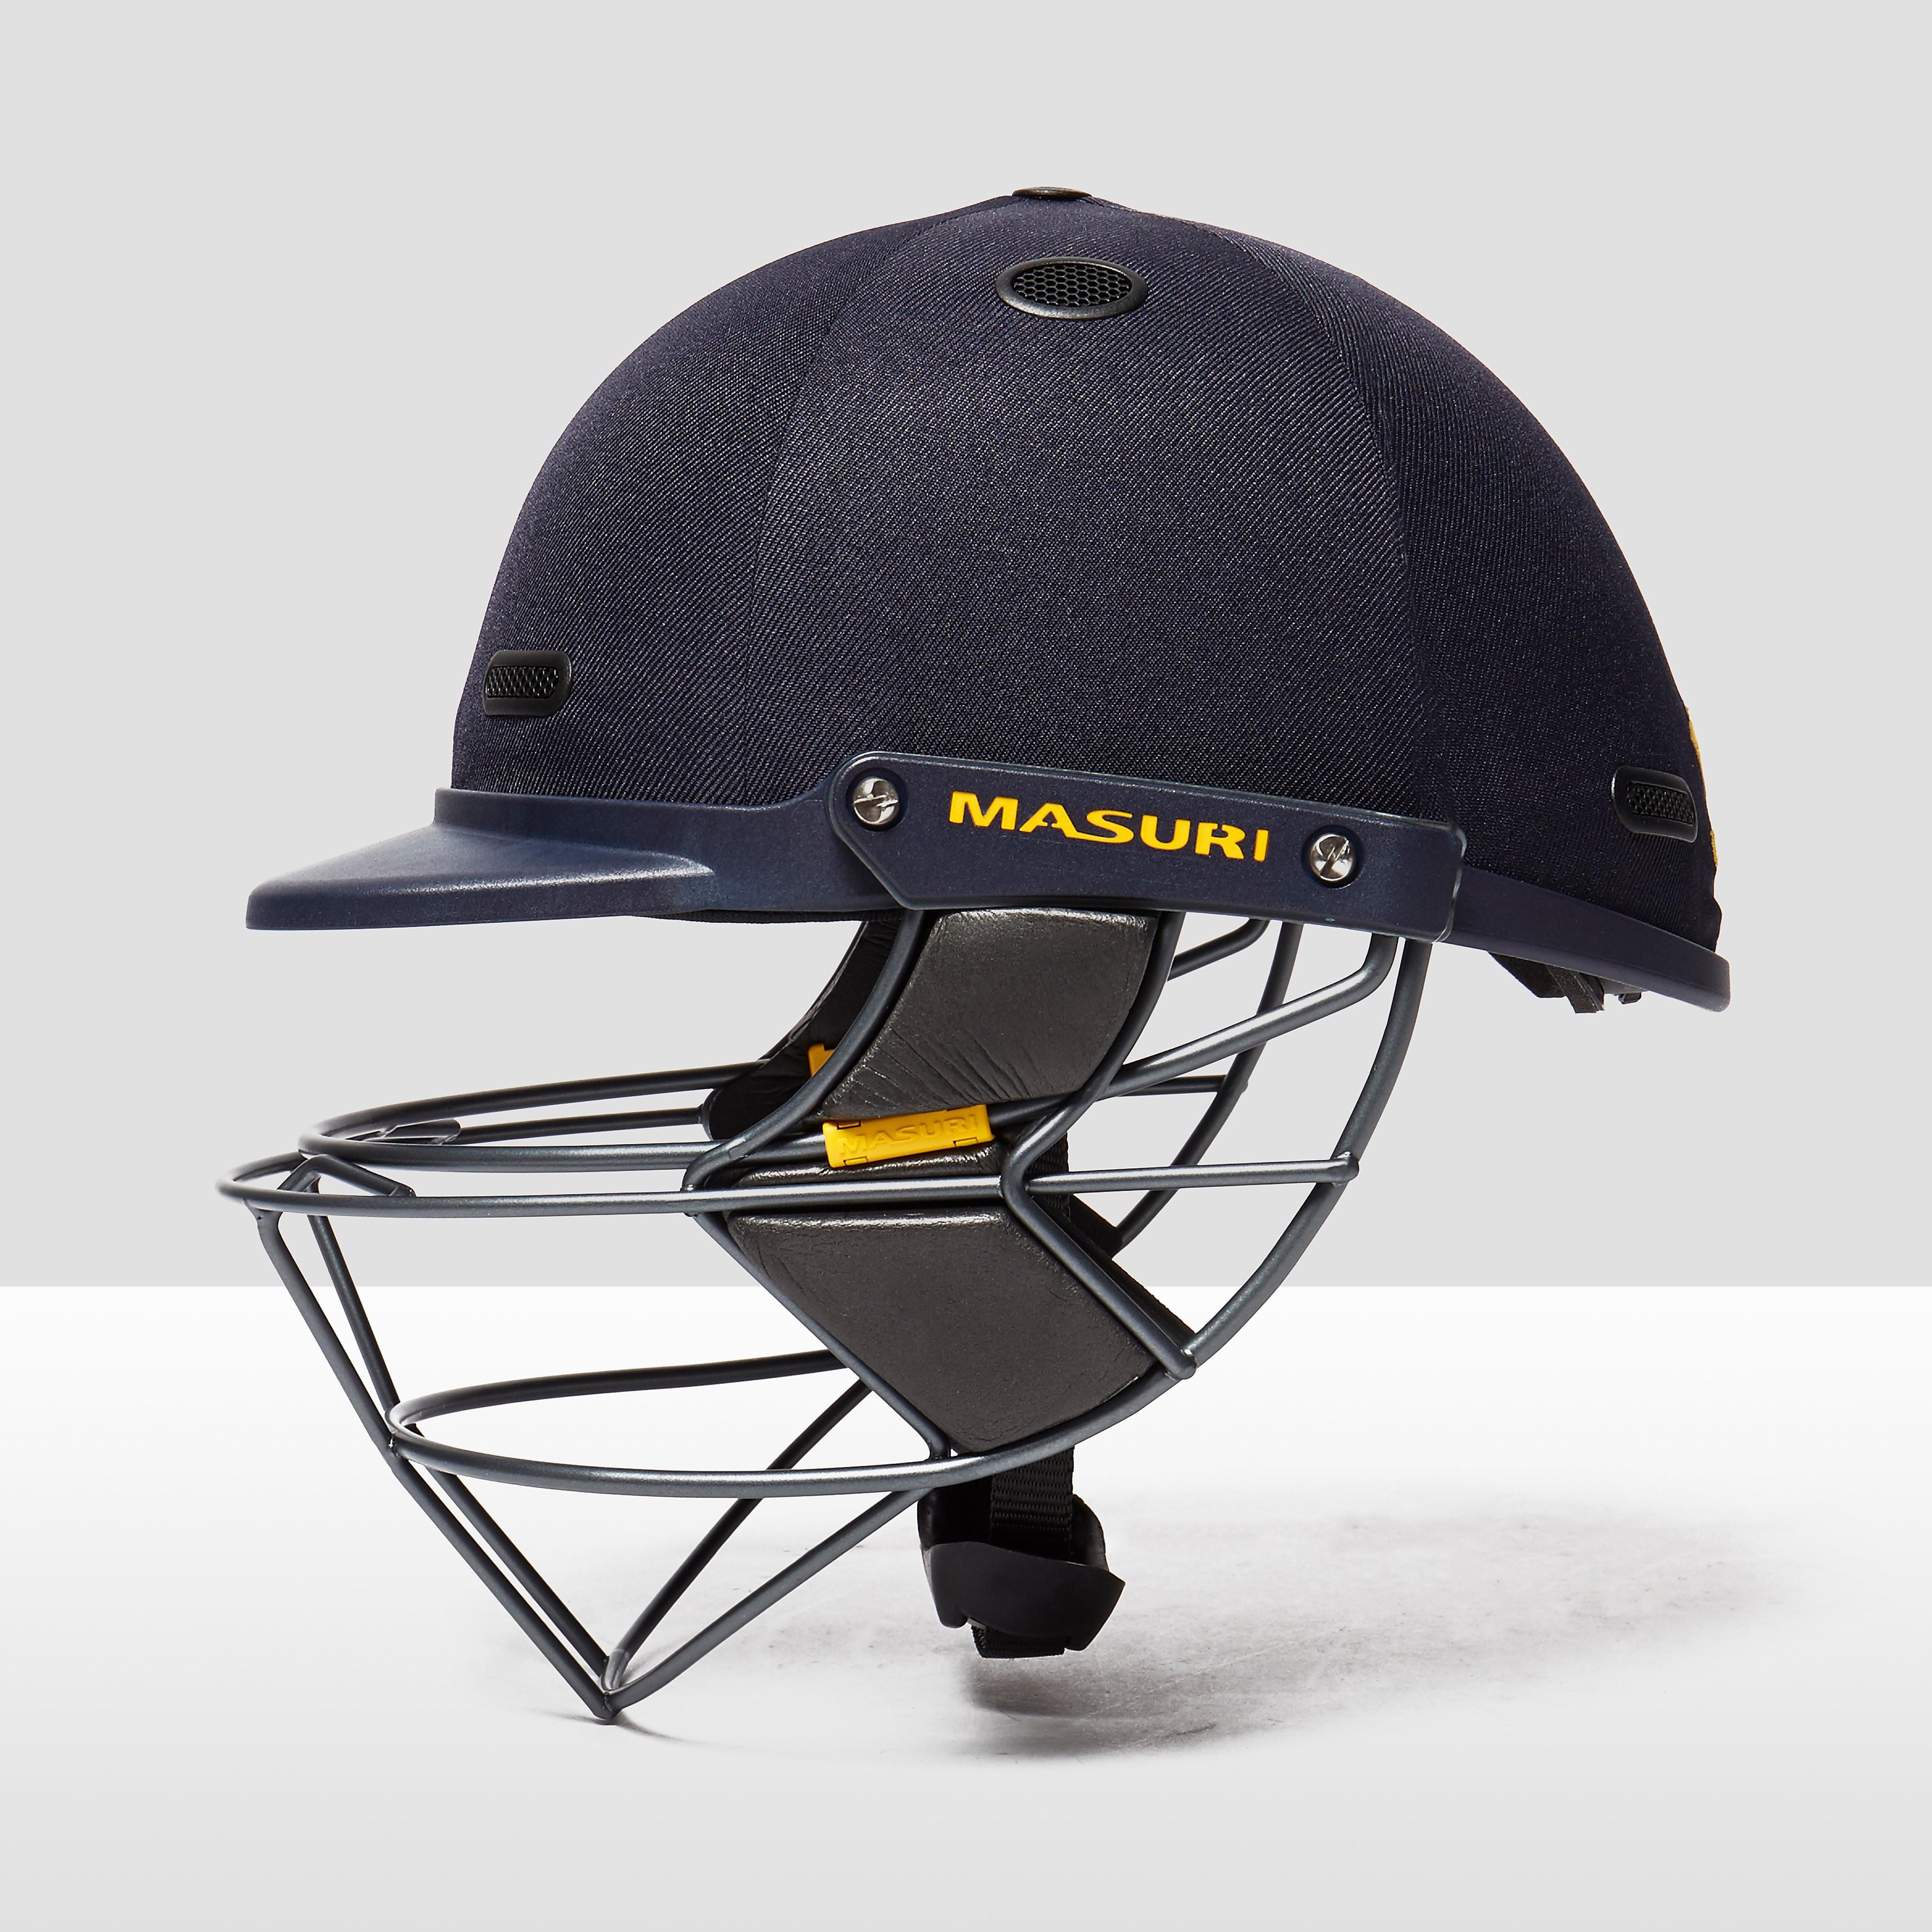 Masuri Vision Series Elite Steel Senior Cricket Helmet